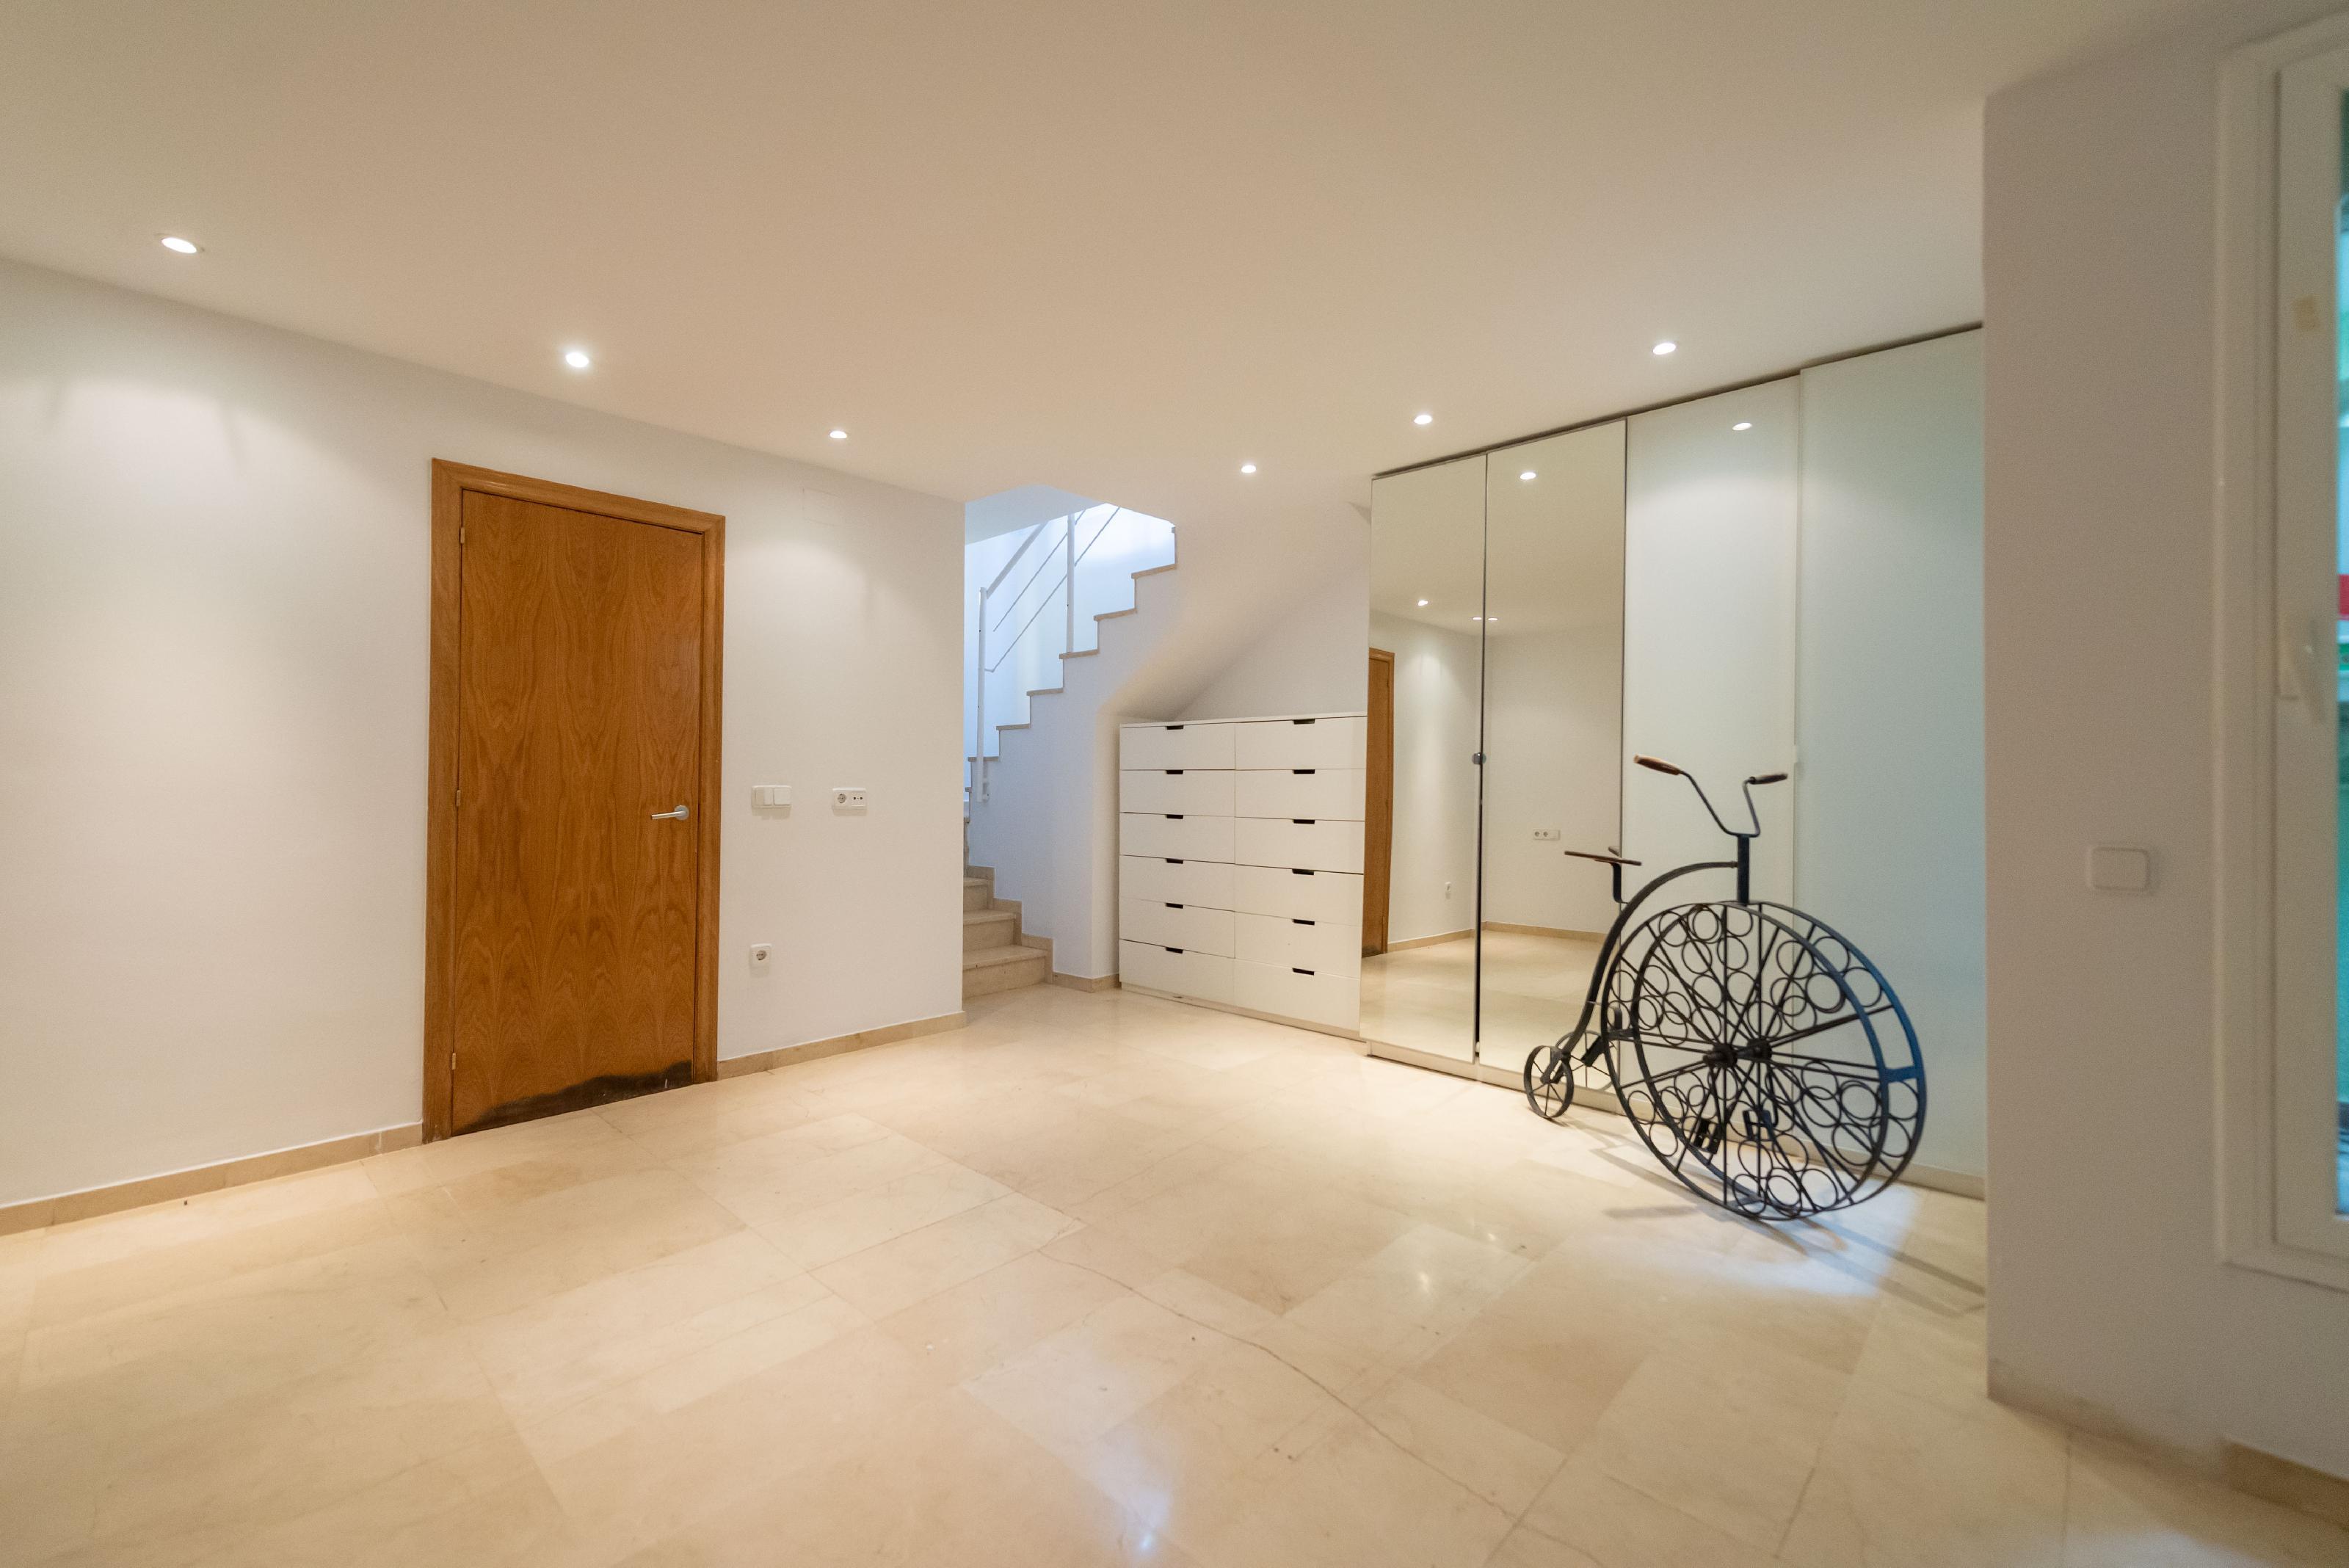 249634 House for sale in Gràcia, Vila de Gràcia 21